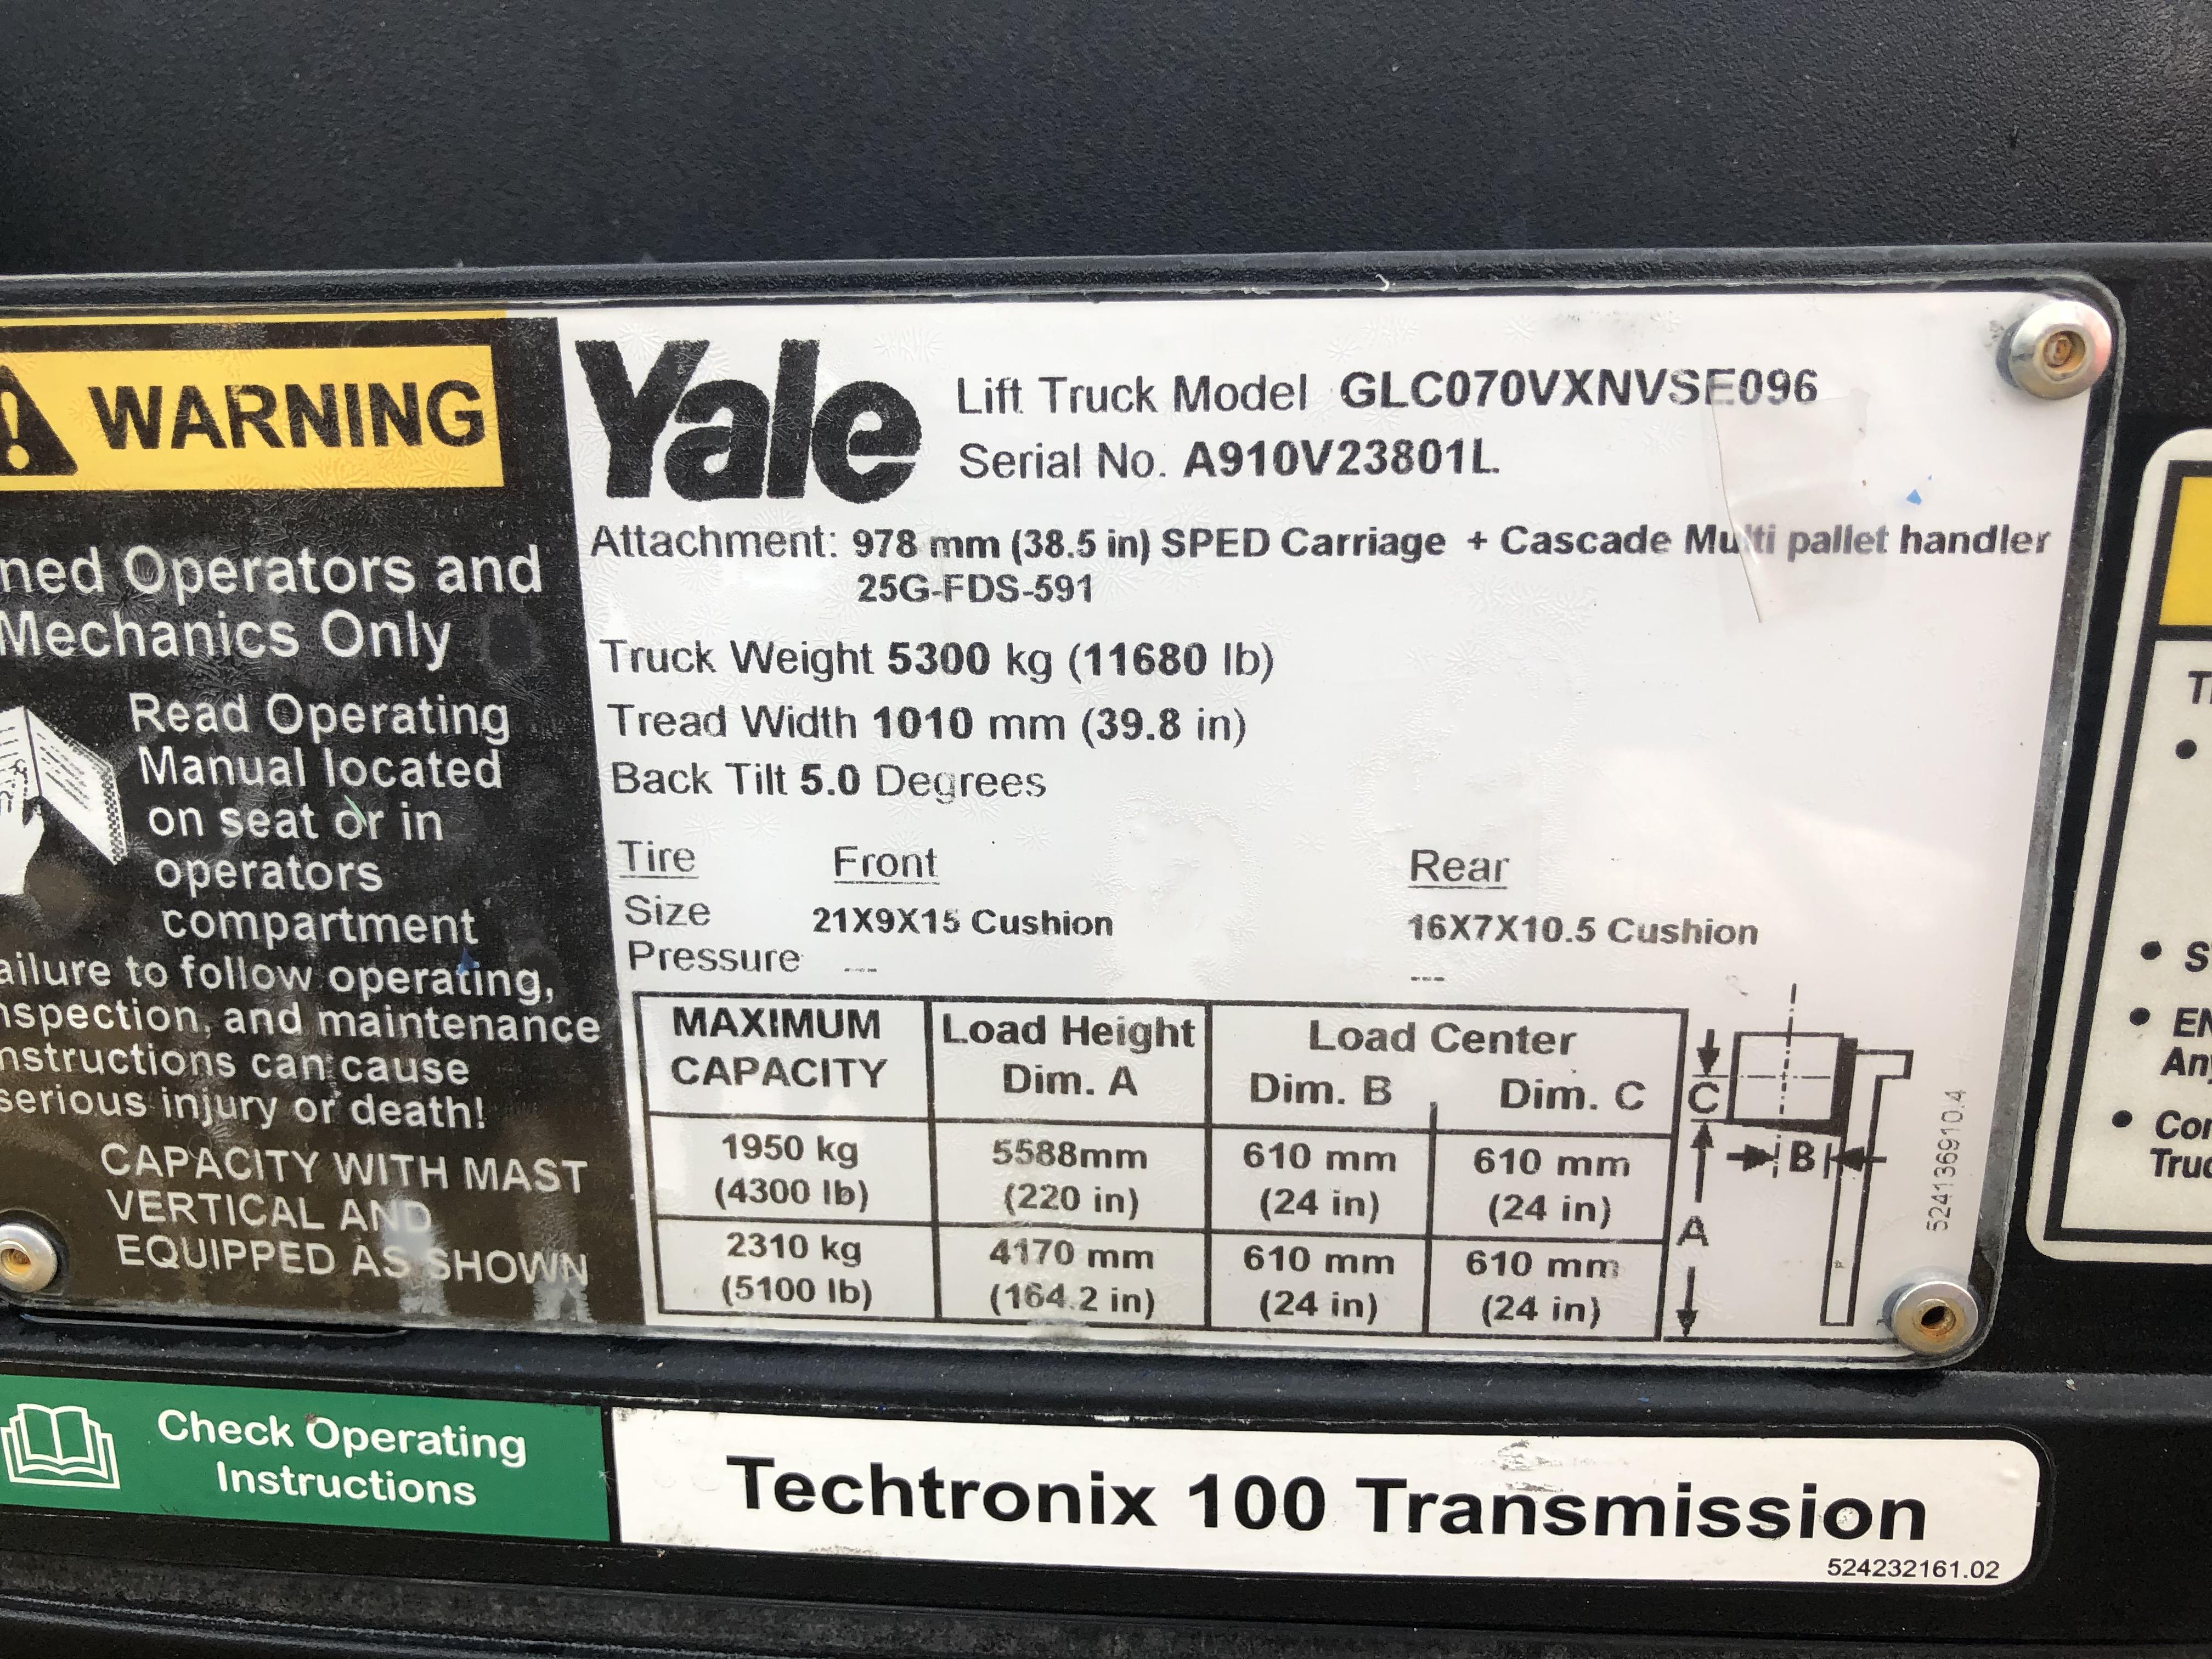 2013 Yale GLC070